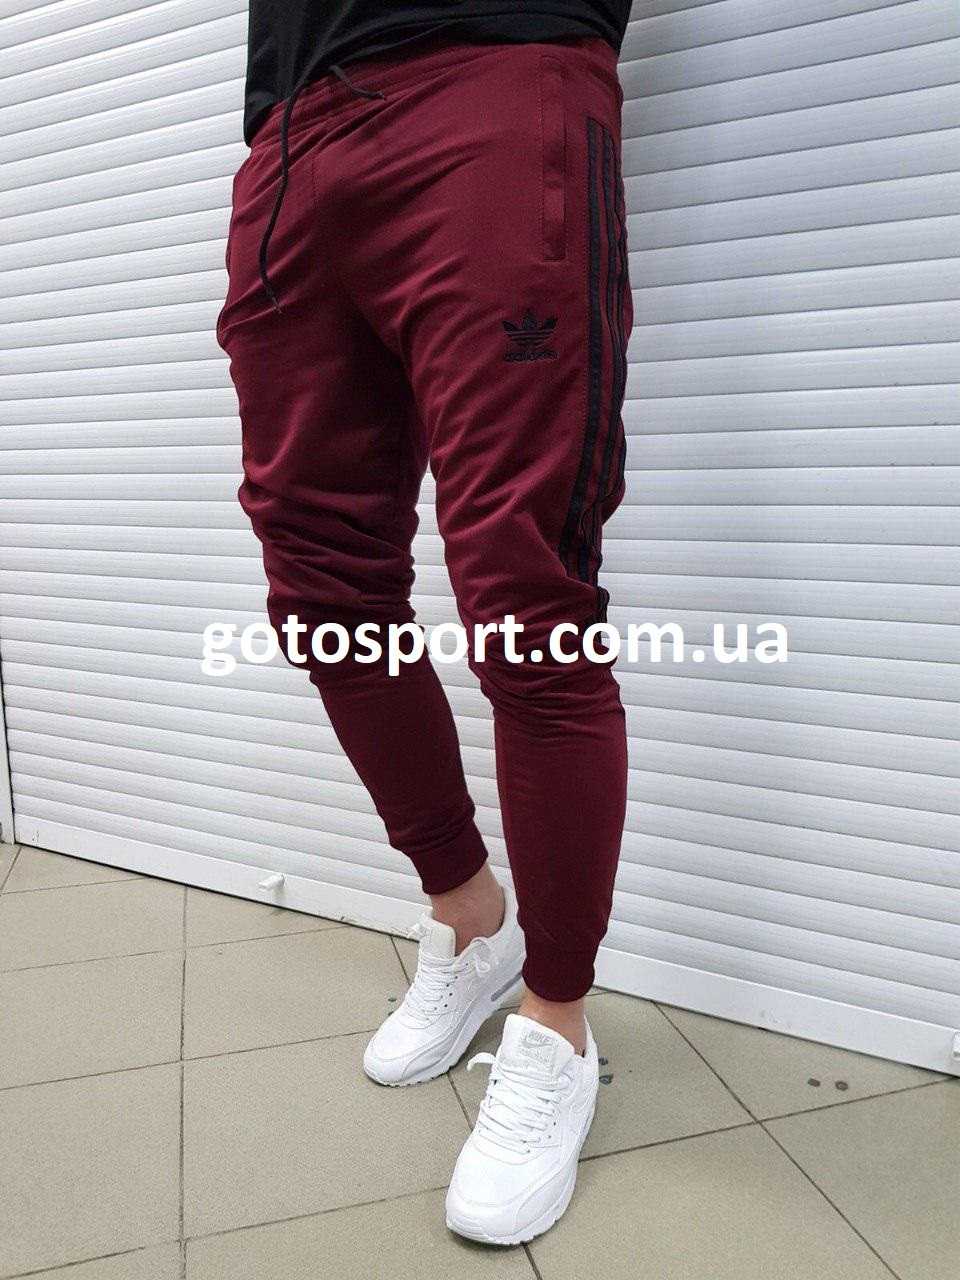 Мужские спортивные штаны Adidas Men Red